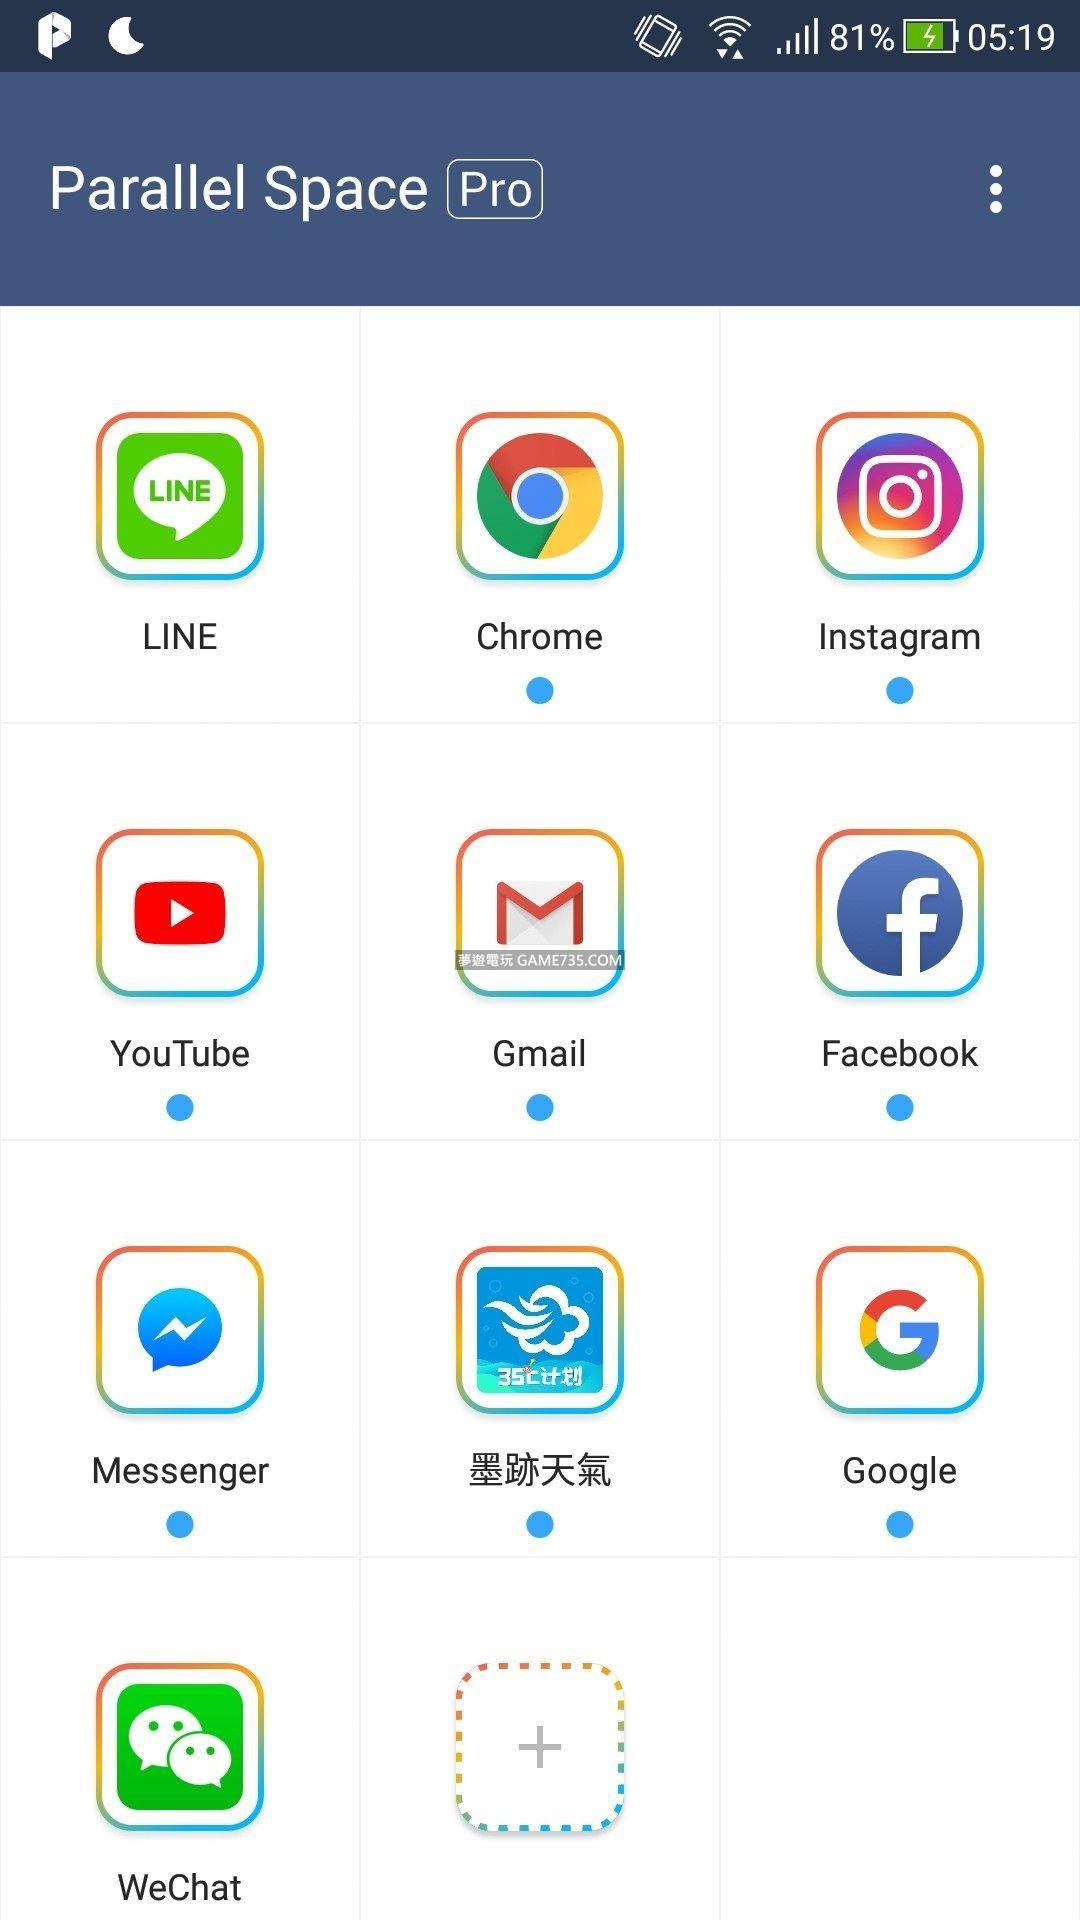 【免ROOT開GG修改器】LBE平行空間 - app應用程式雙開 v4.0.8644 繁中解鎖版